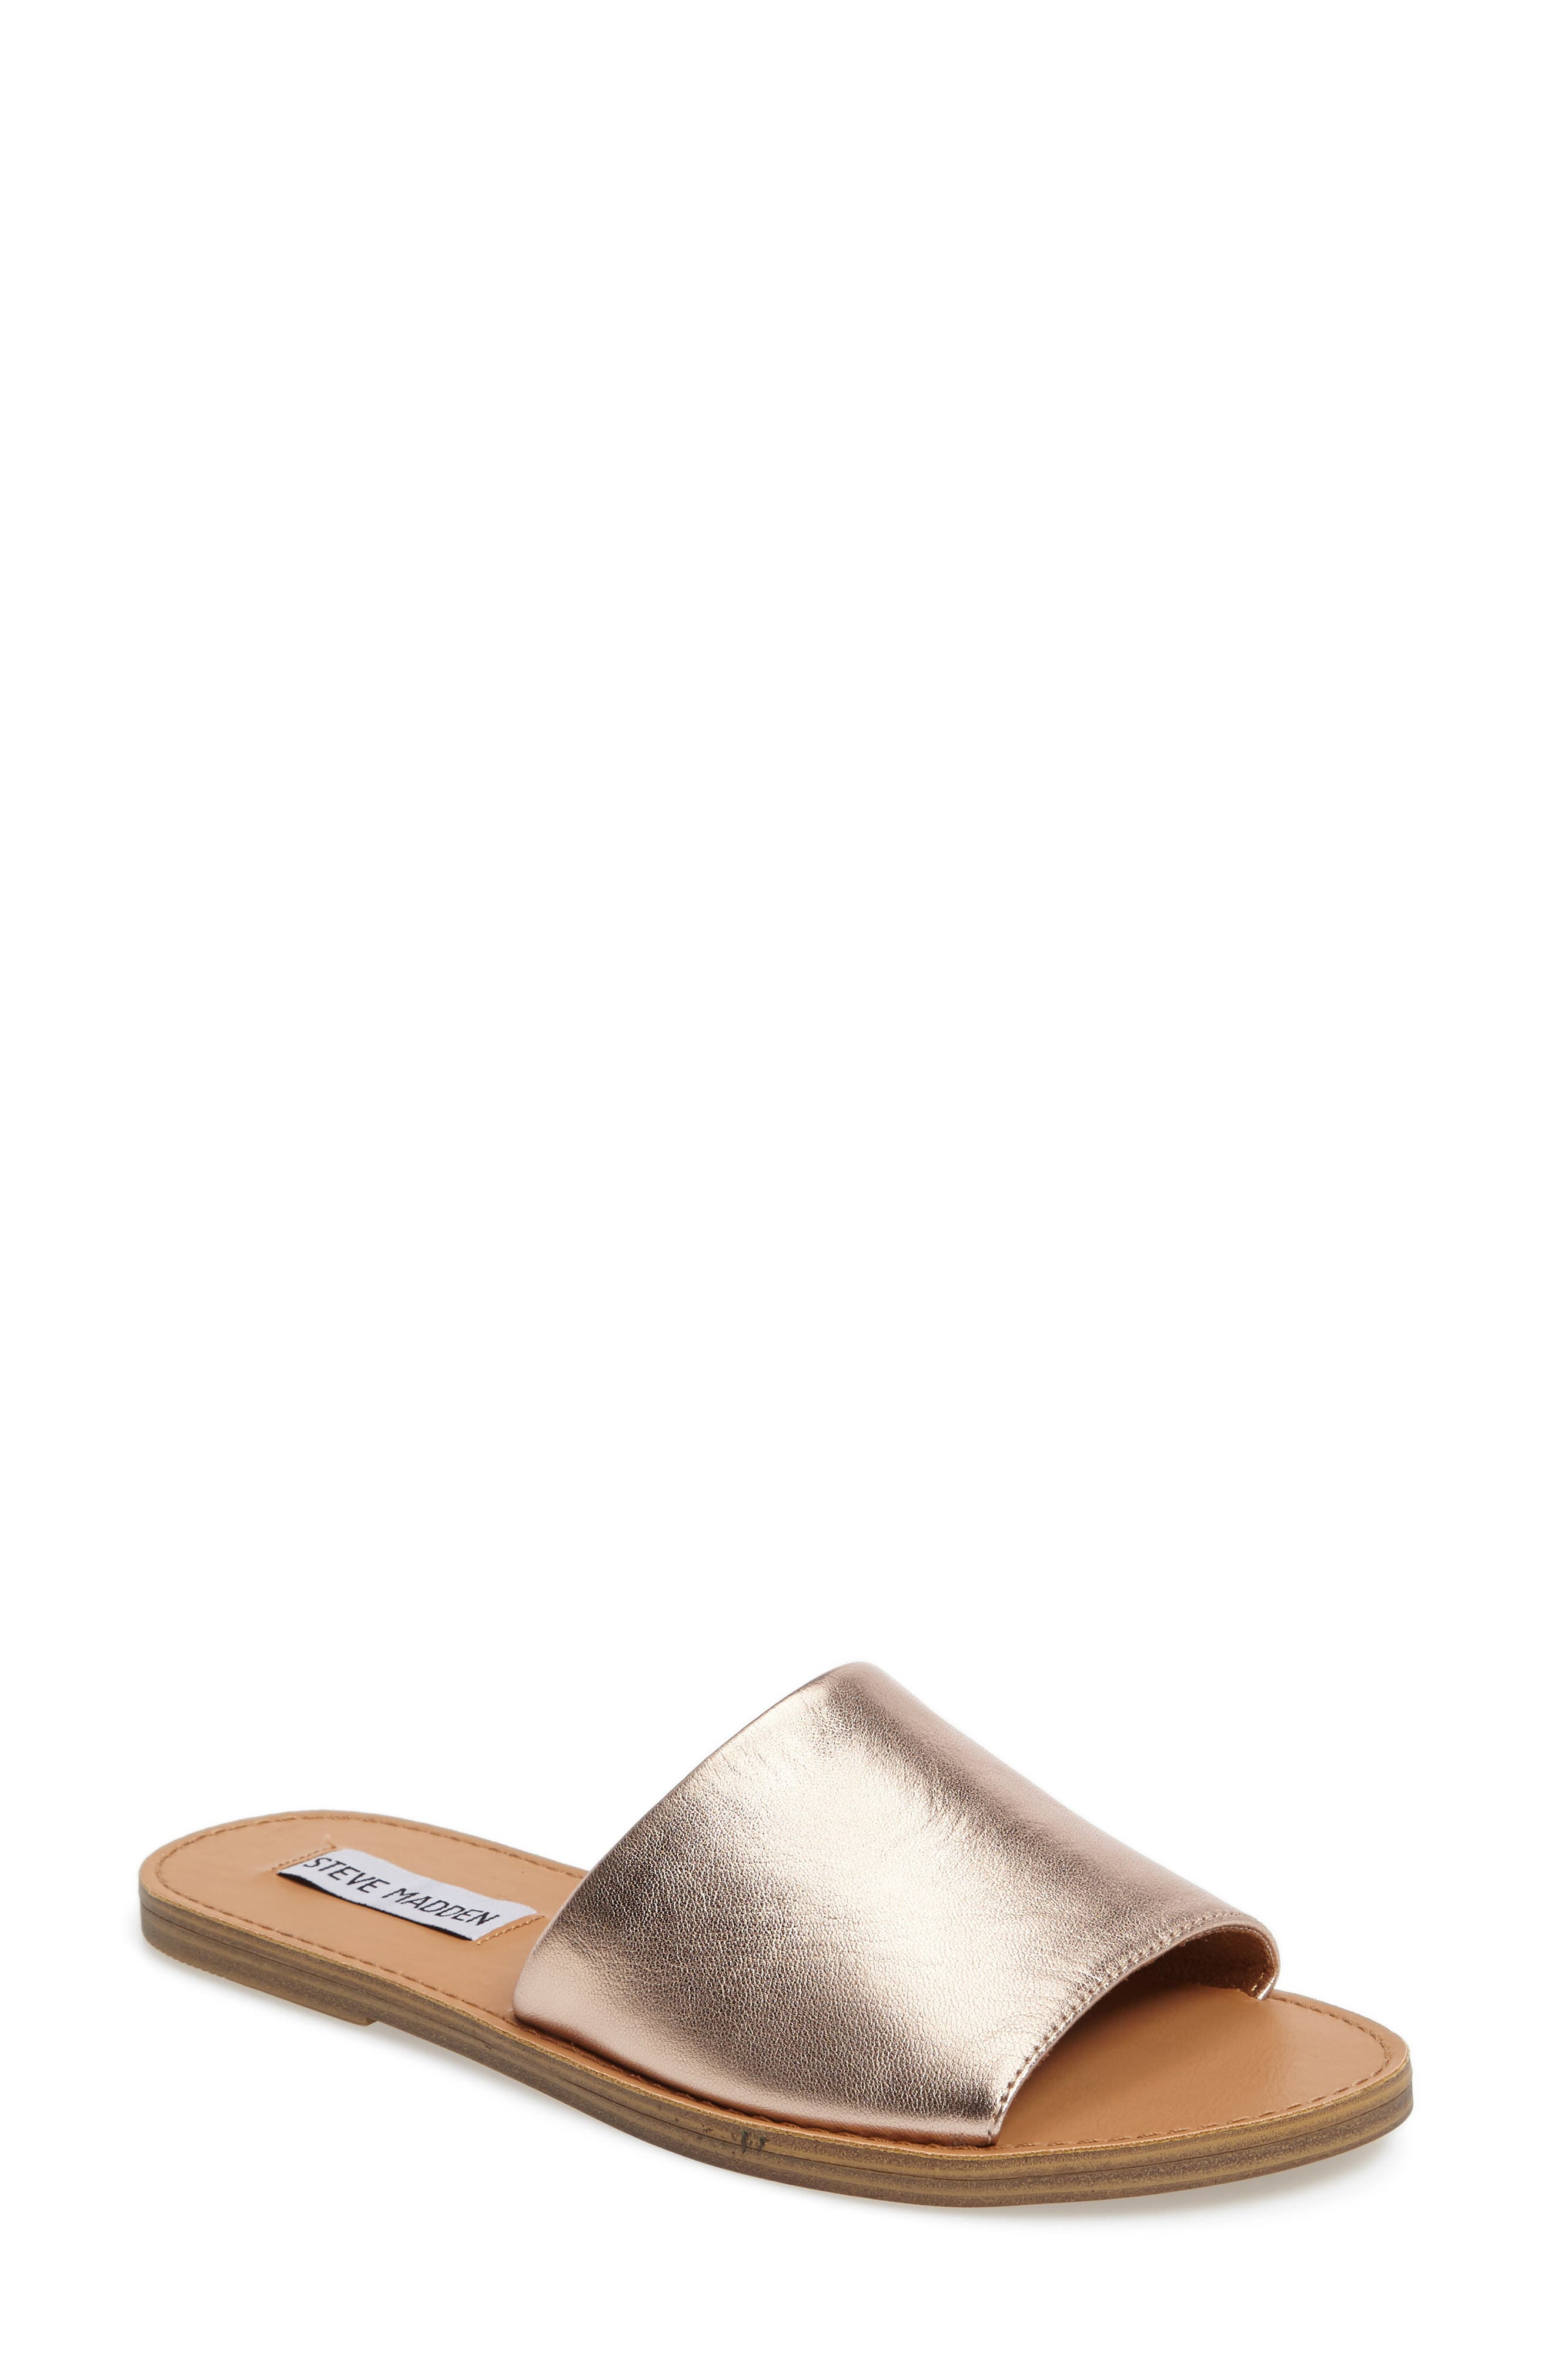 Grace Slide Sandal,                         Main,                         color, Rosegold